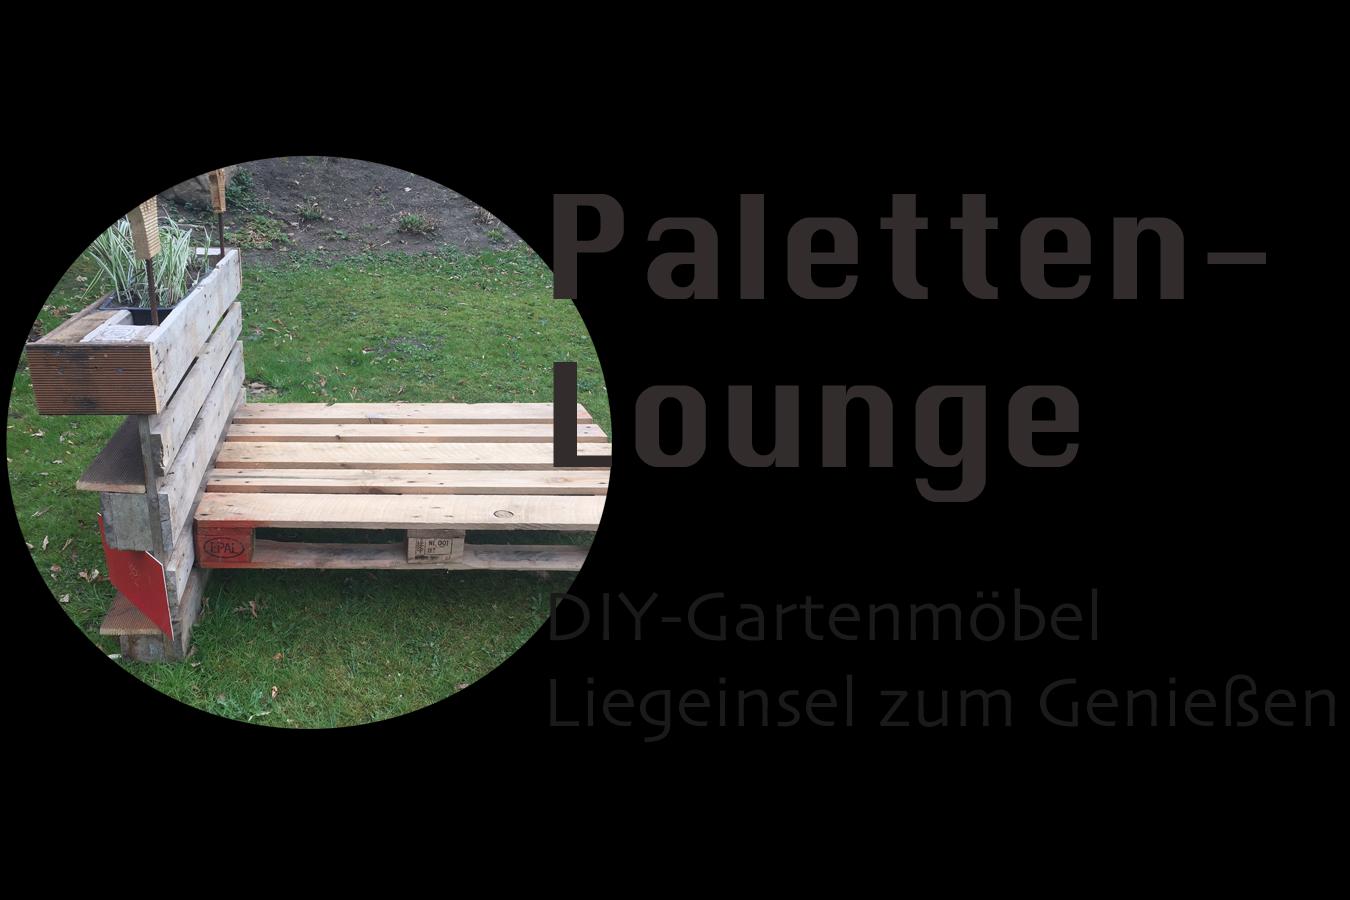 Liegeinsel selber bauen  Alles paletti! Die königliche Paletten-Lounge für jeden Garten ...